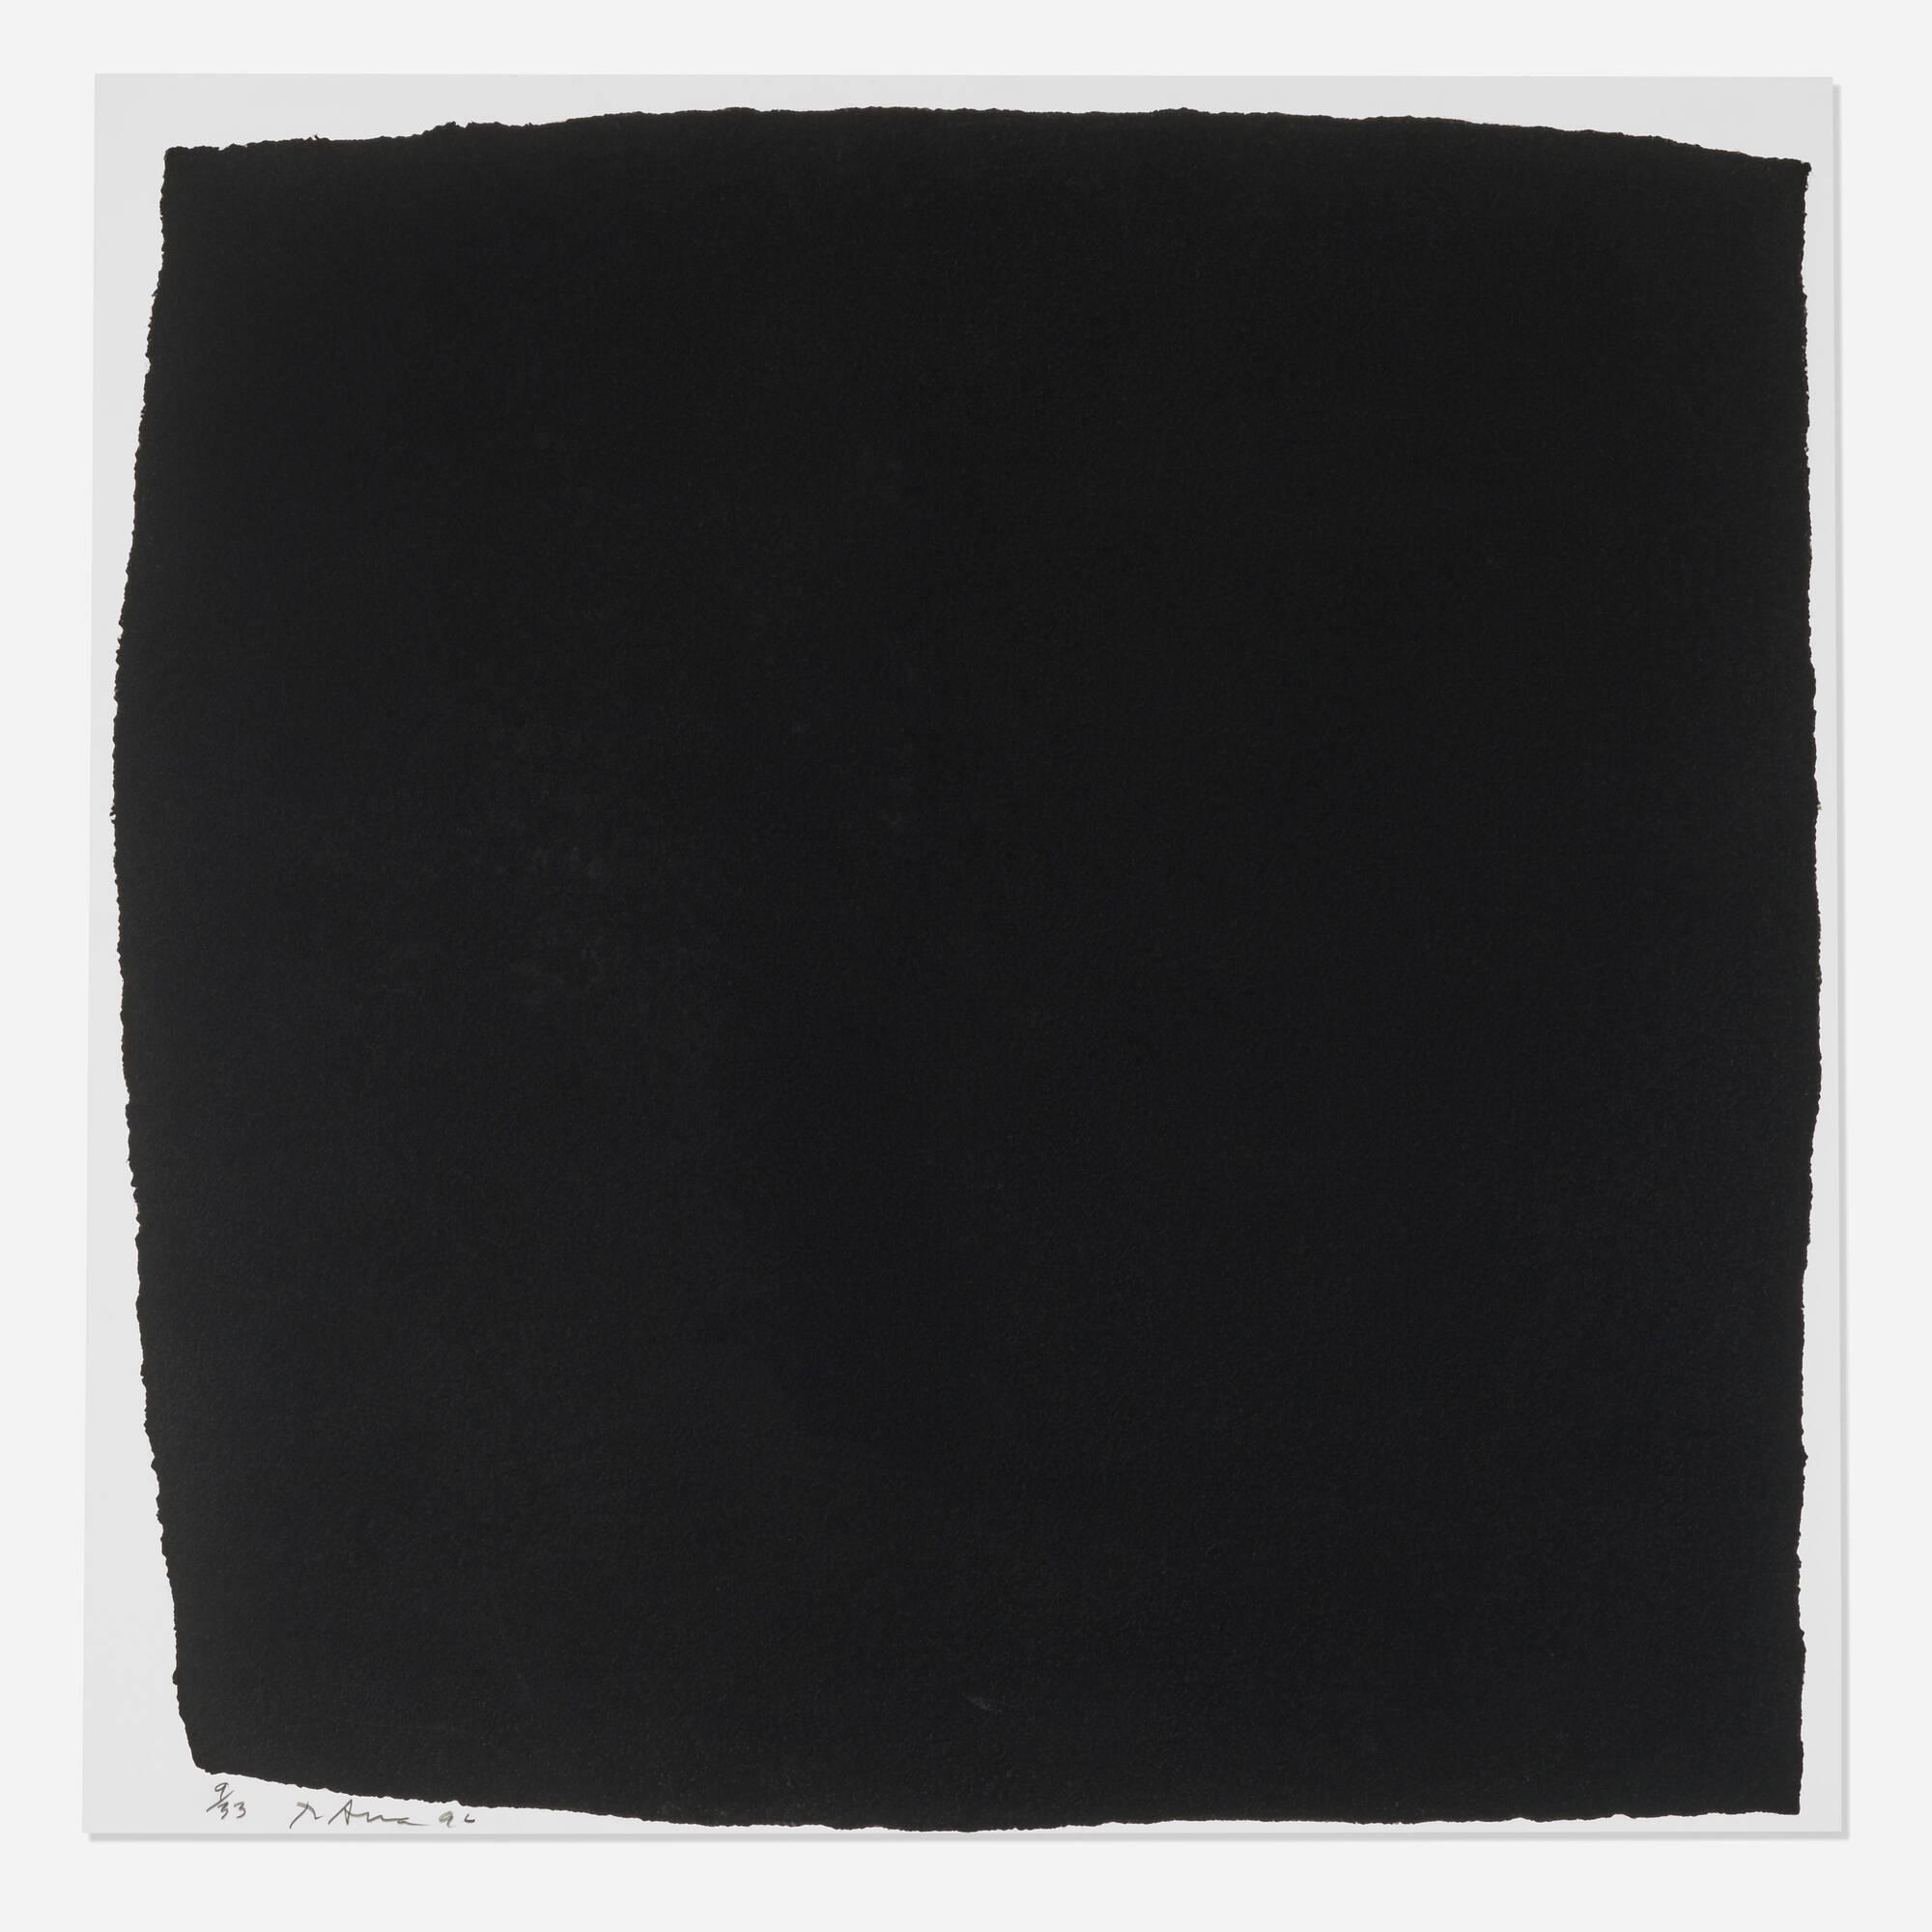 137: Richard Serra / Finkl Forge II (1 of 2)